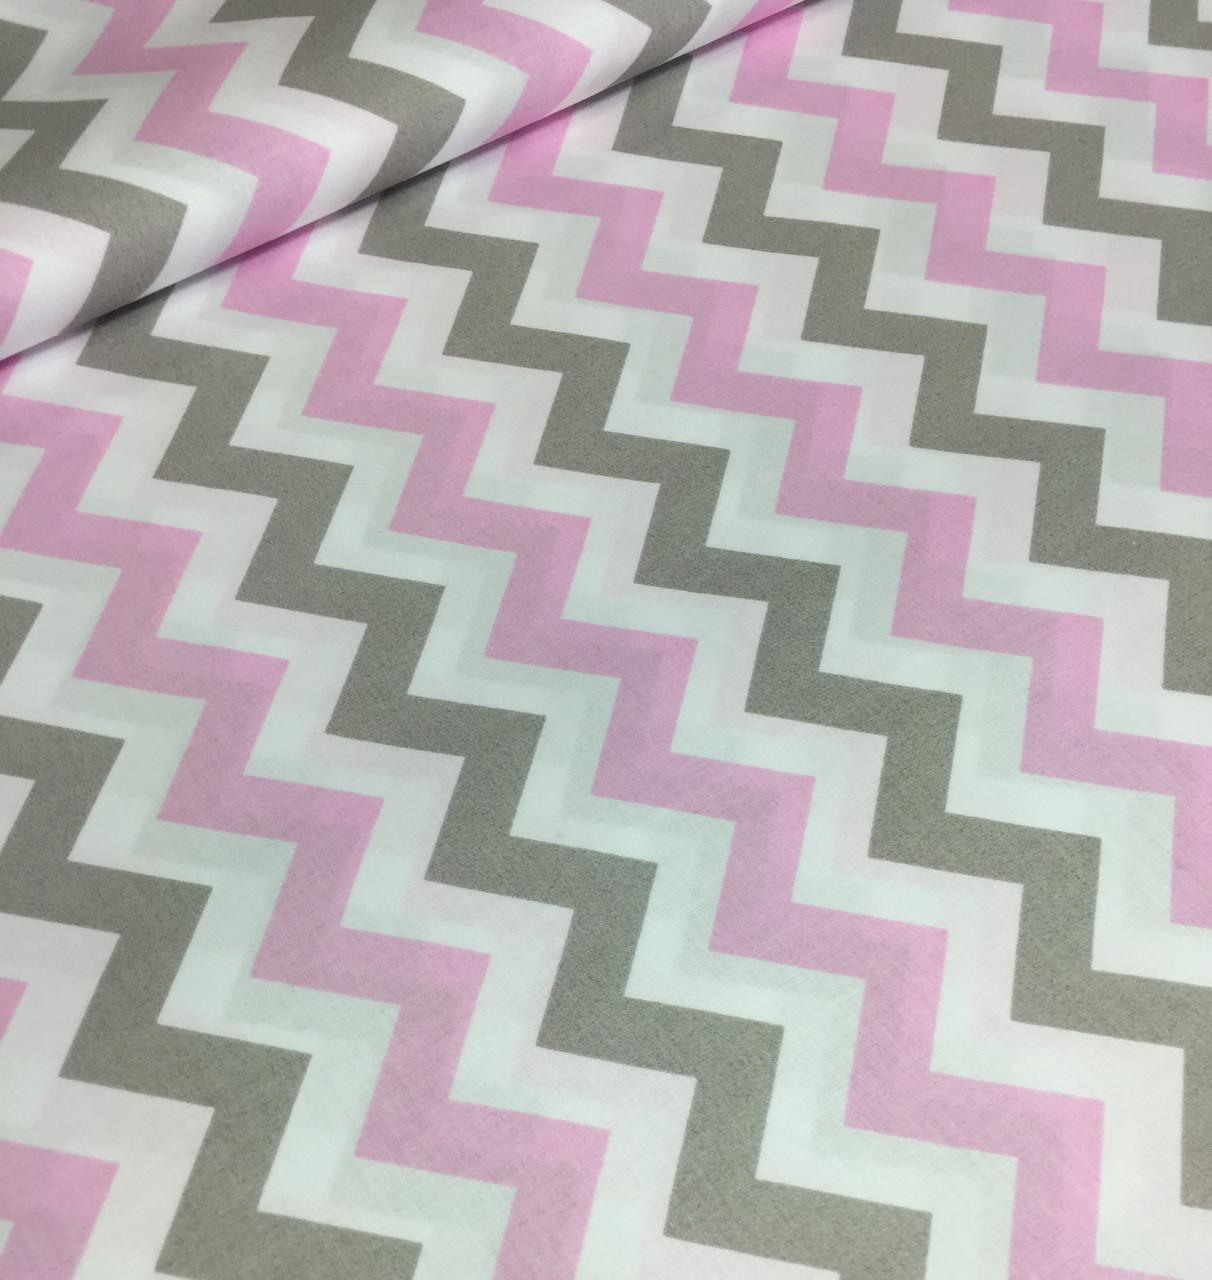 Бавовняна тканина польська зигзаг рожево-сірий широкий на білому №375